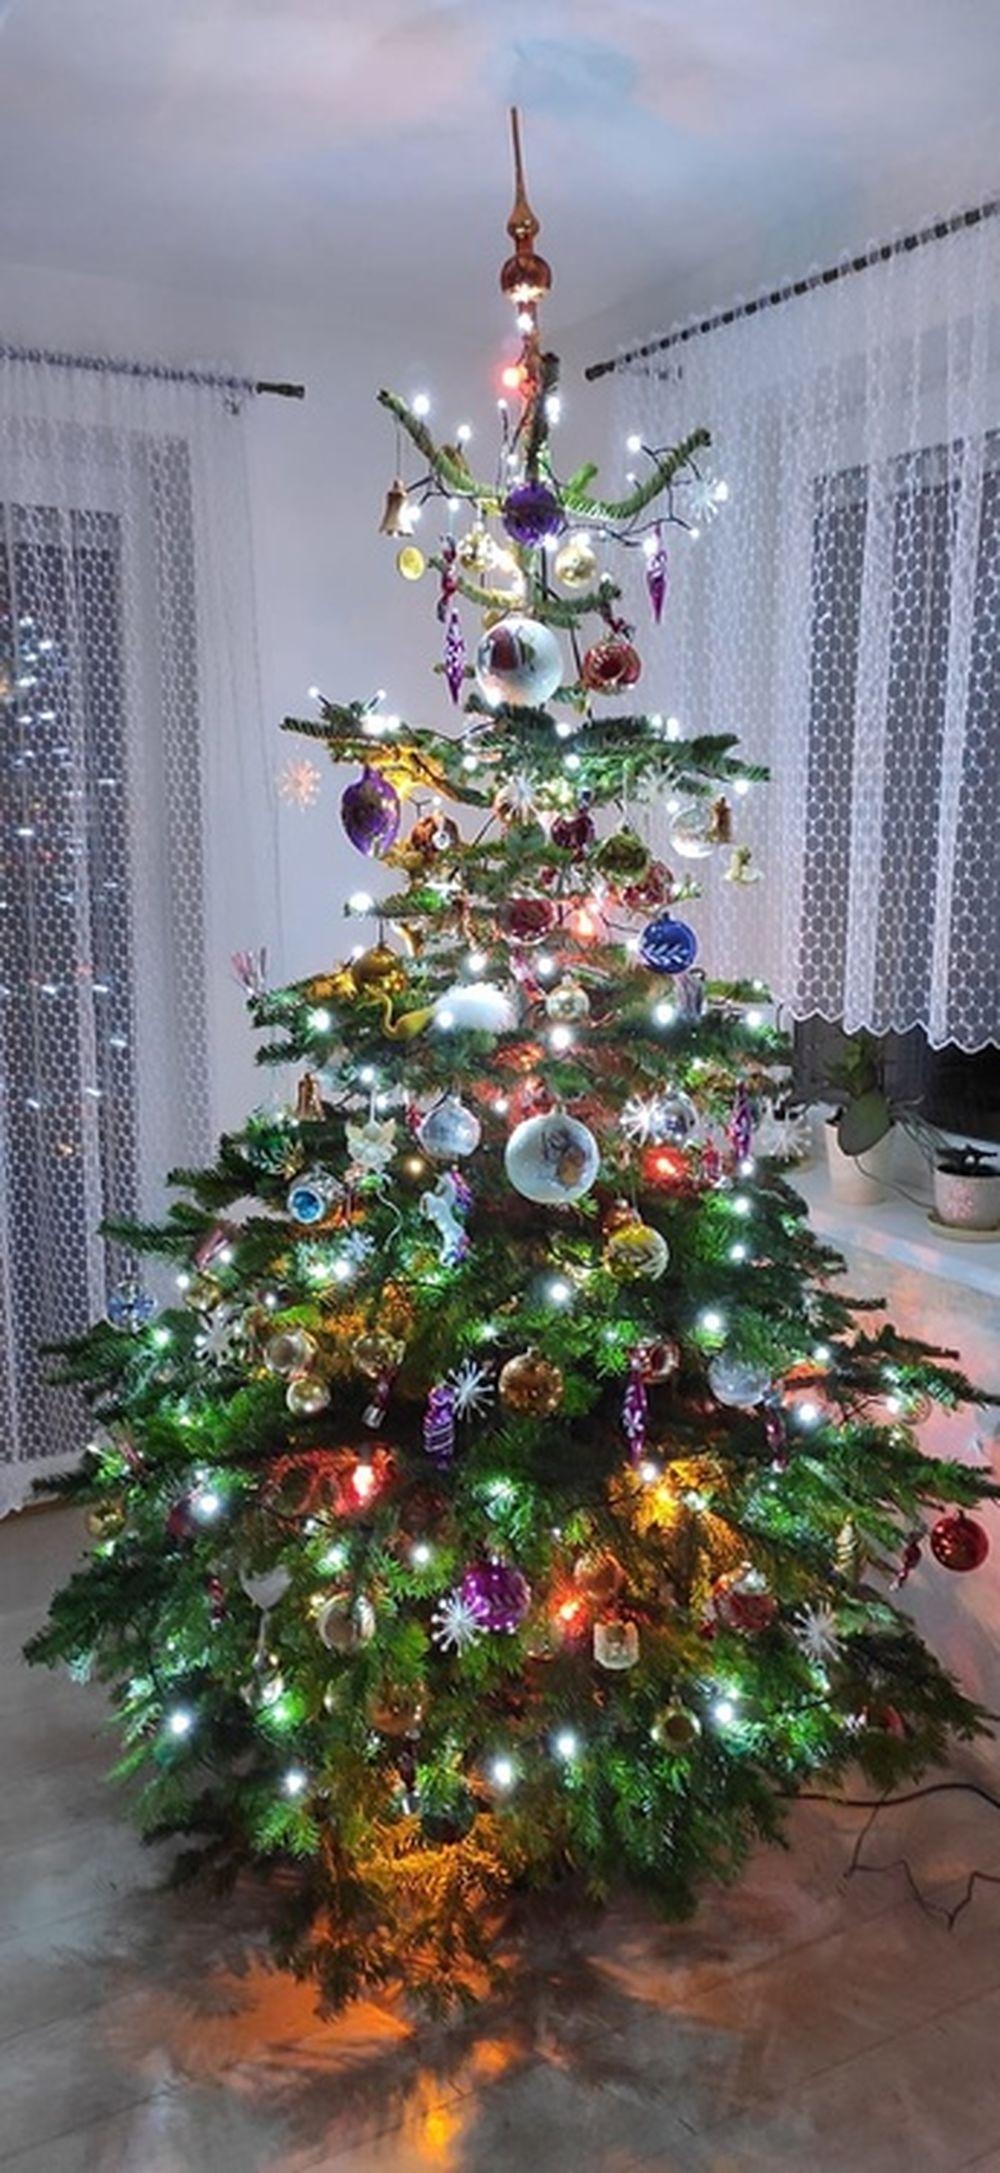 FOTO: Vianočné stromčeky v Žiline - výber fotografií našich čitateľov, foto 28